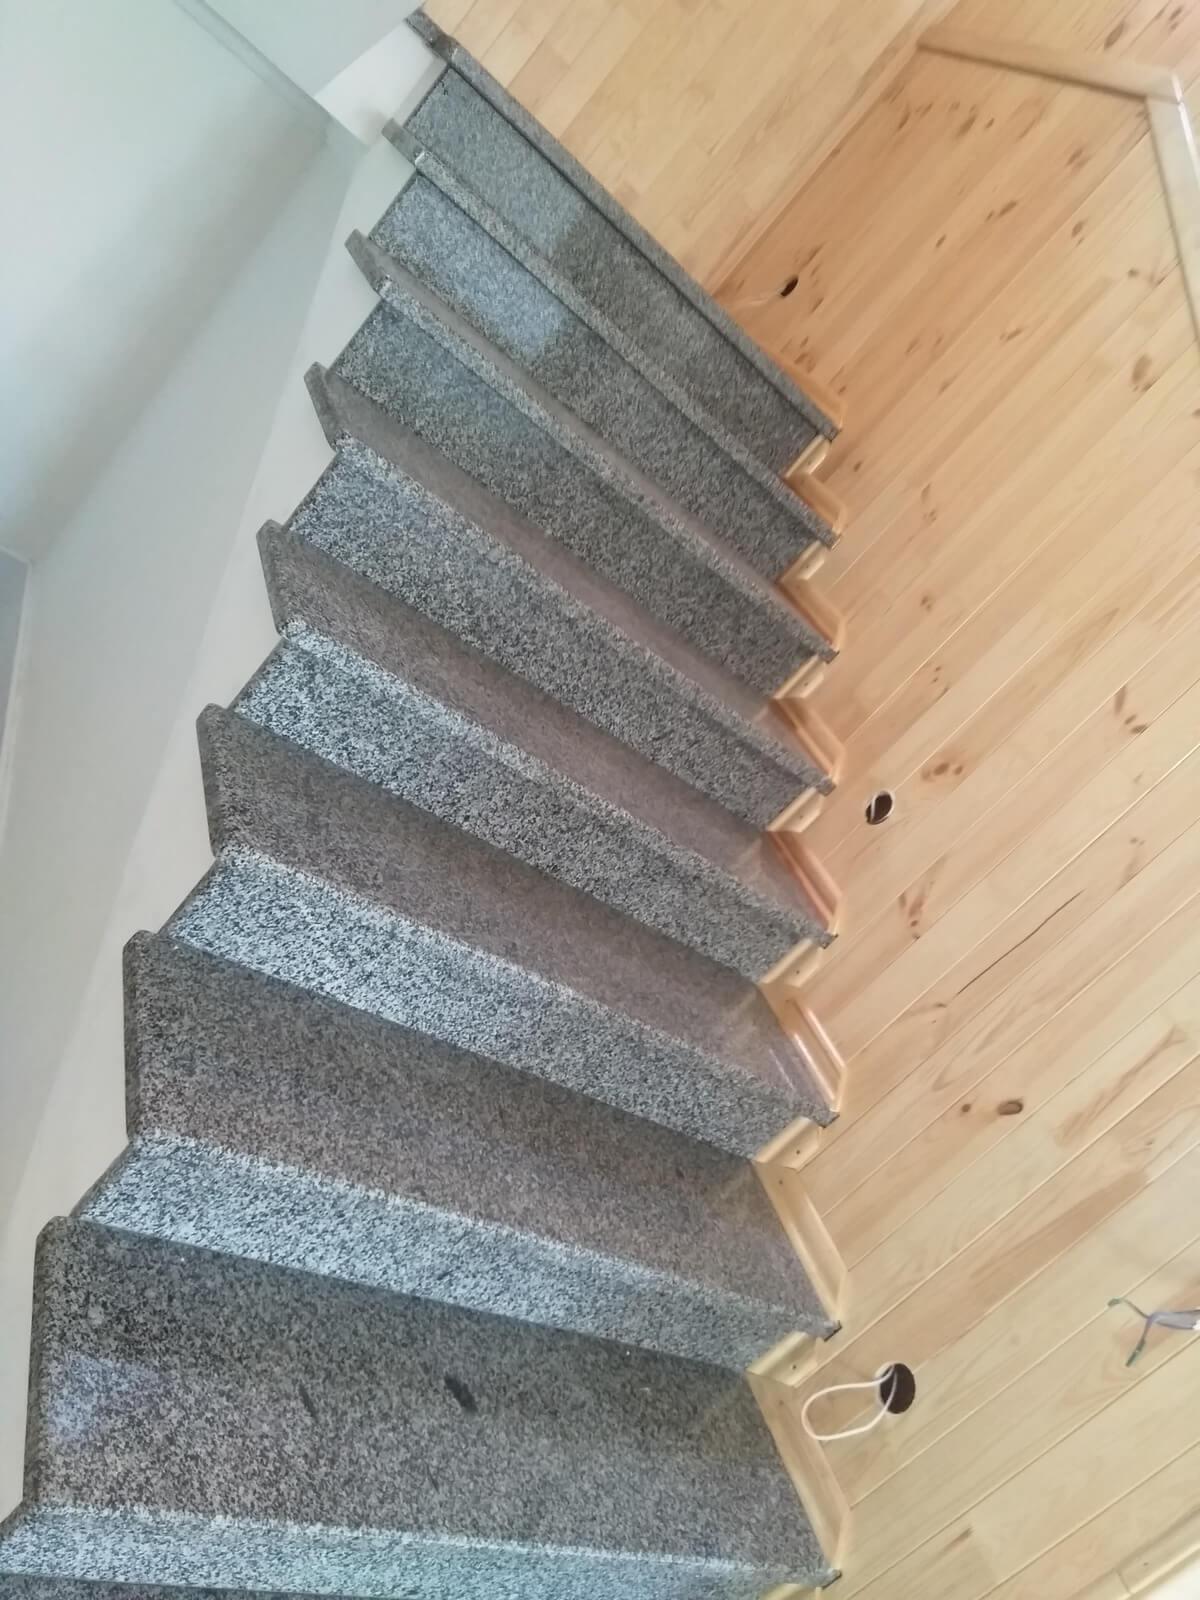 Сходи з Покостівського граніту, зроблені в Одесі (вид збоку)